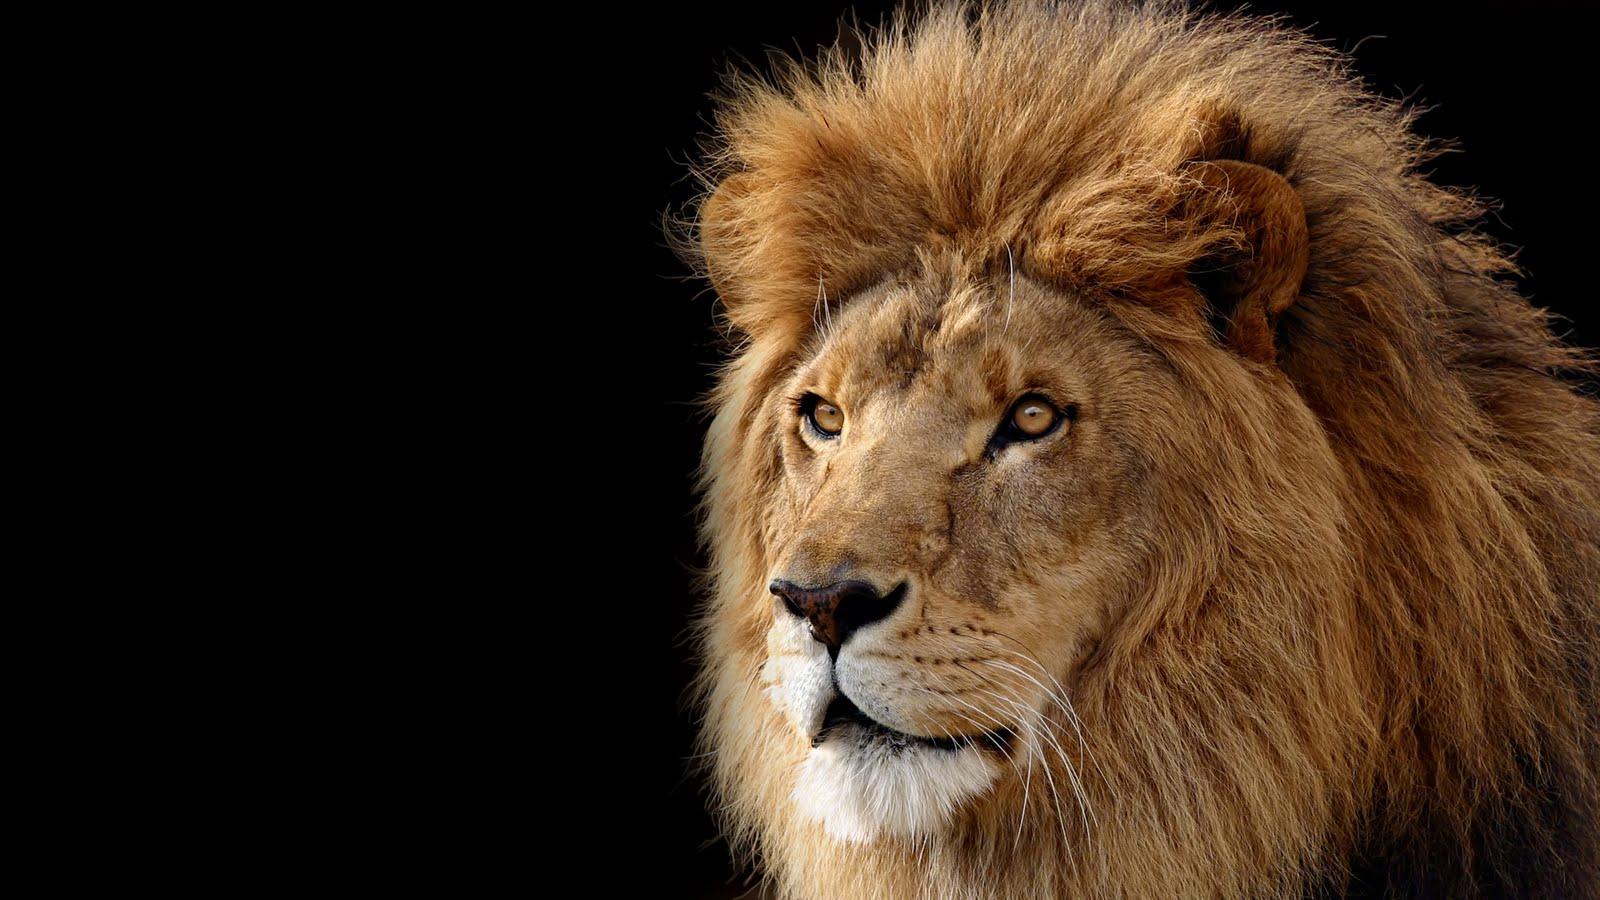 http://4.bp.blogspot.com/-6eL41VKhEok/TjV1XtTAUxI/AAAAAAAAAOk/iEnmlEZMizM/s1600/mac_os_x_lion_wallpaper_by_theandrenator-d35tk7t.jpg